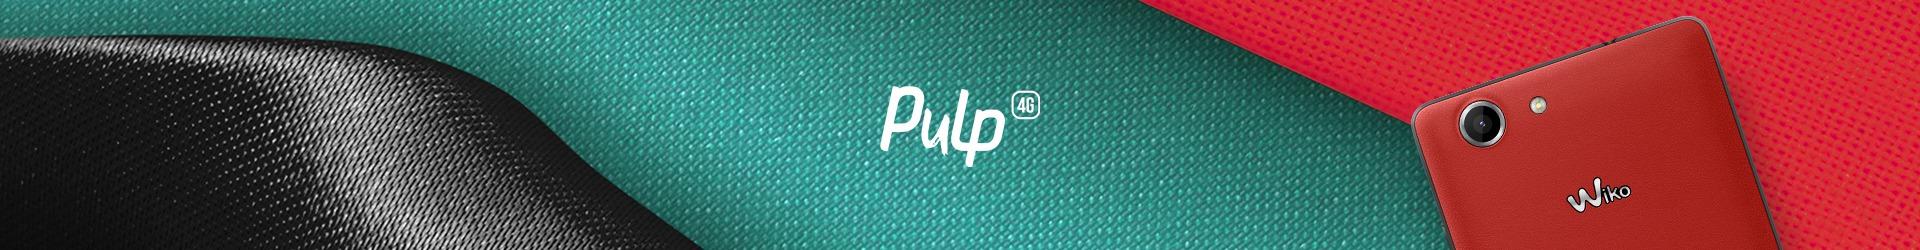 pulp_4g